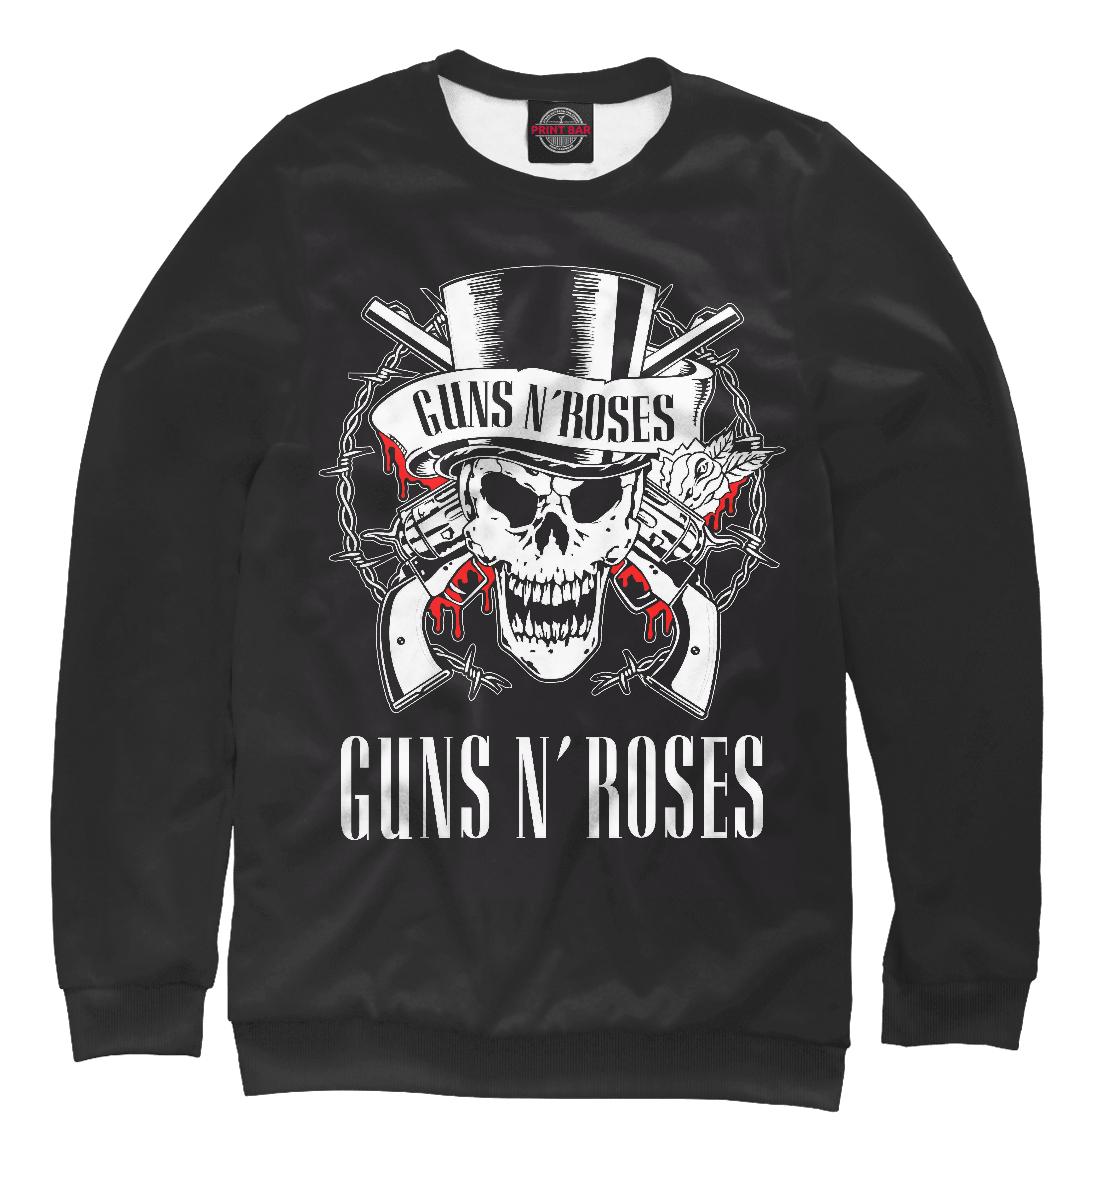 Купить Guns N'Roses, Printbar, Свитшоты, GNR-629158-swi-1